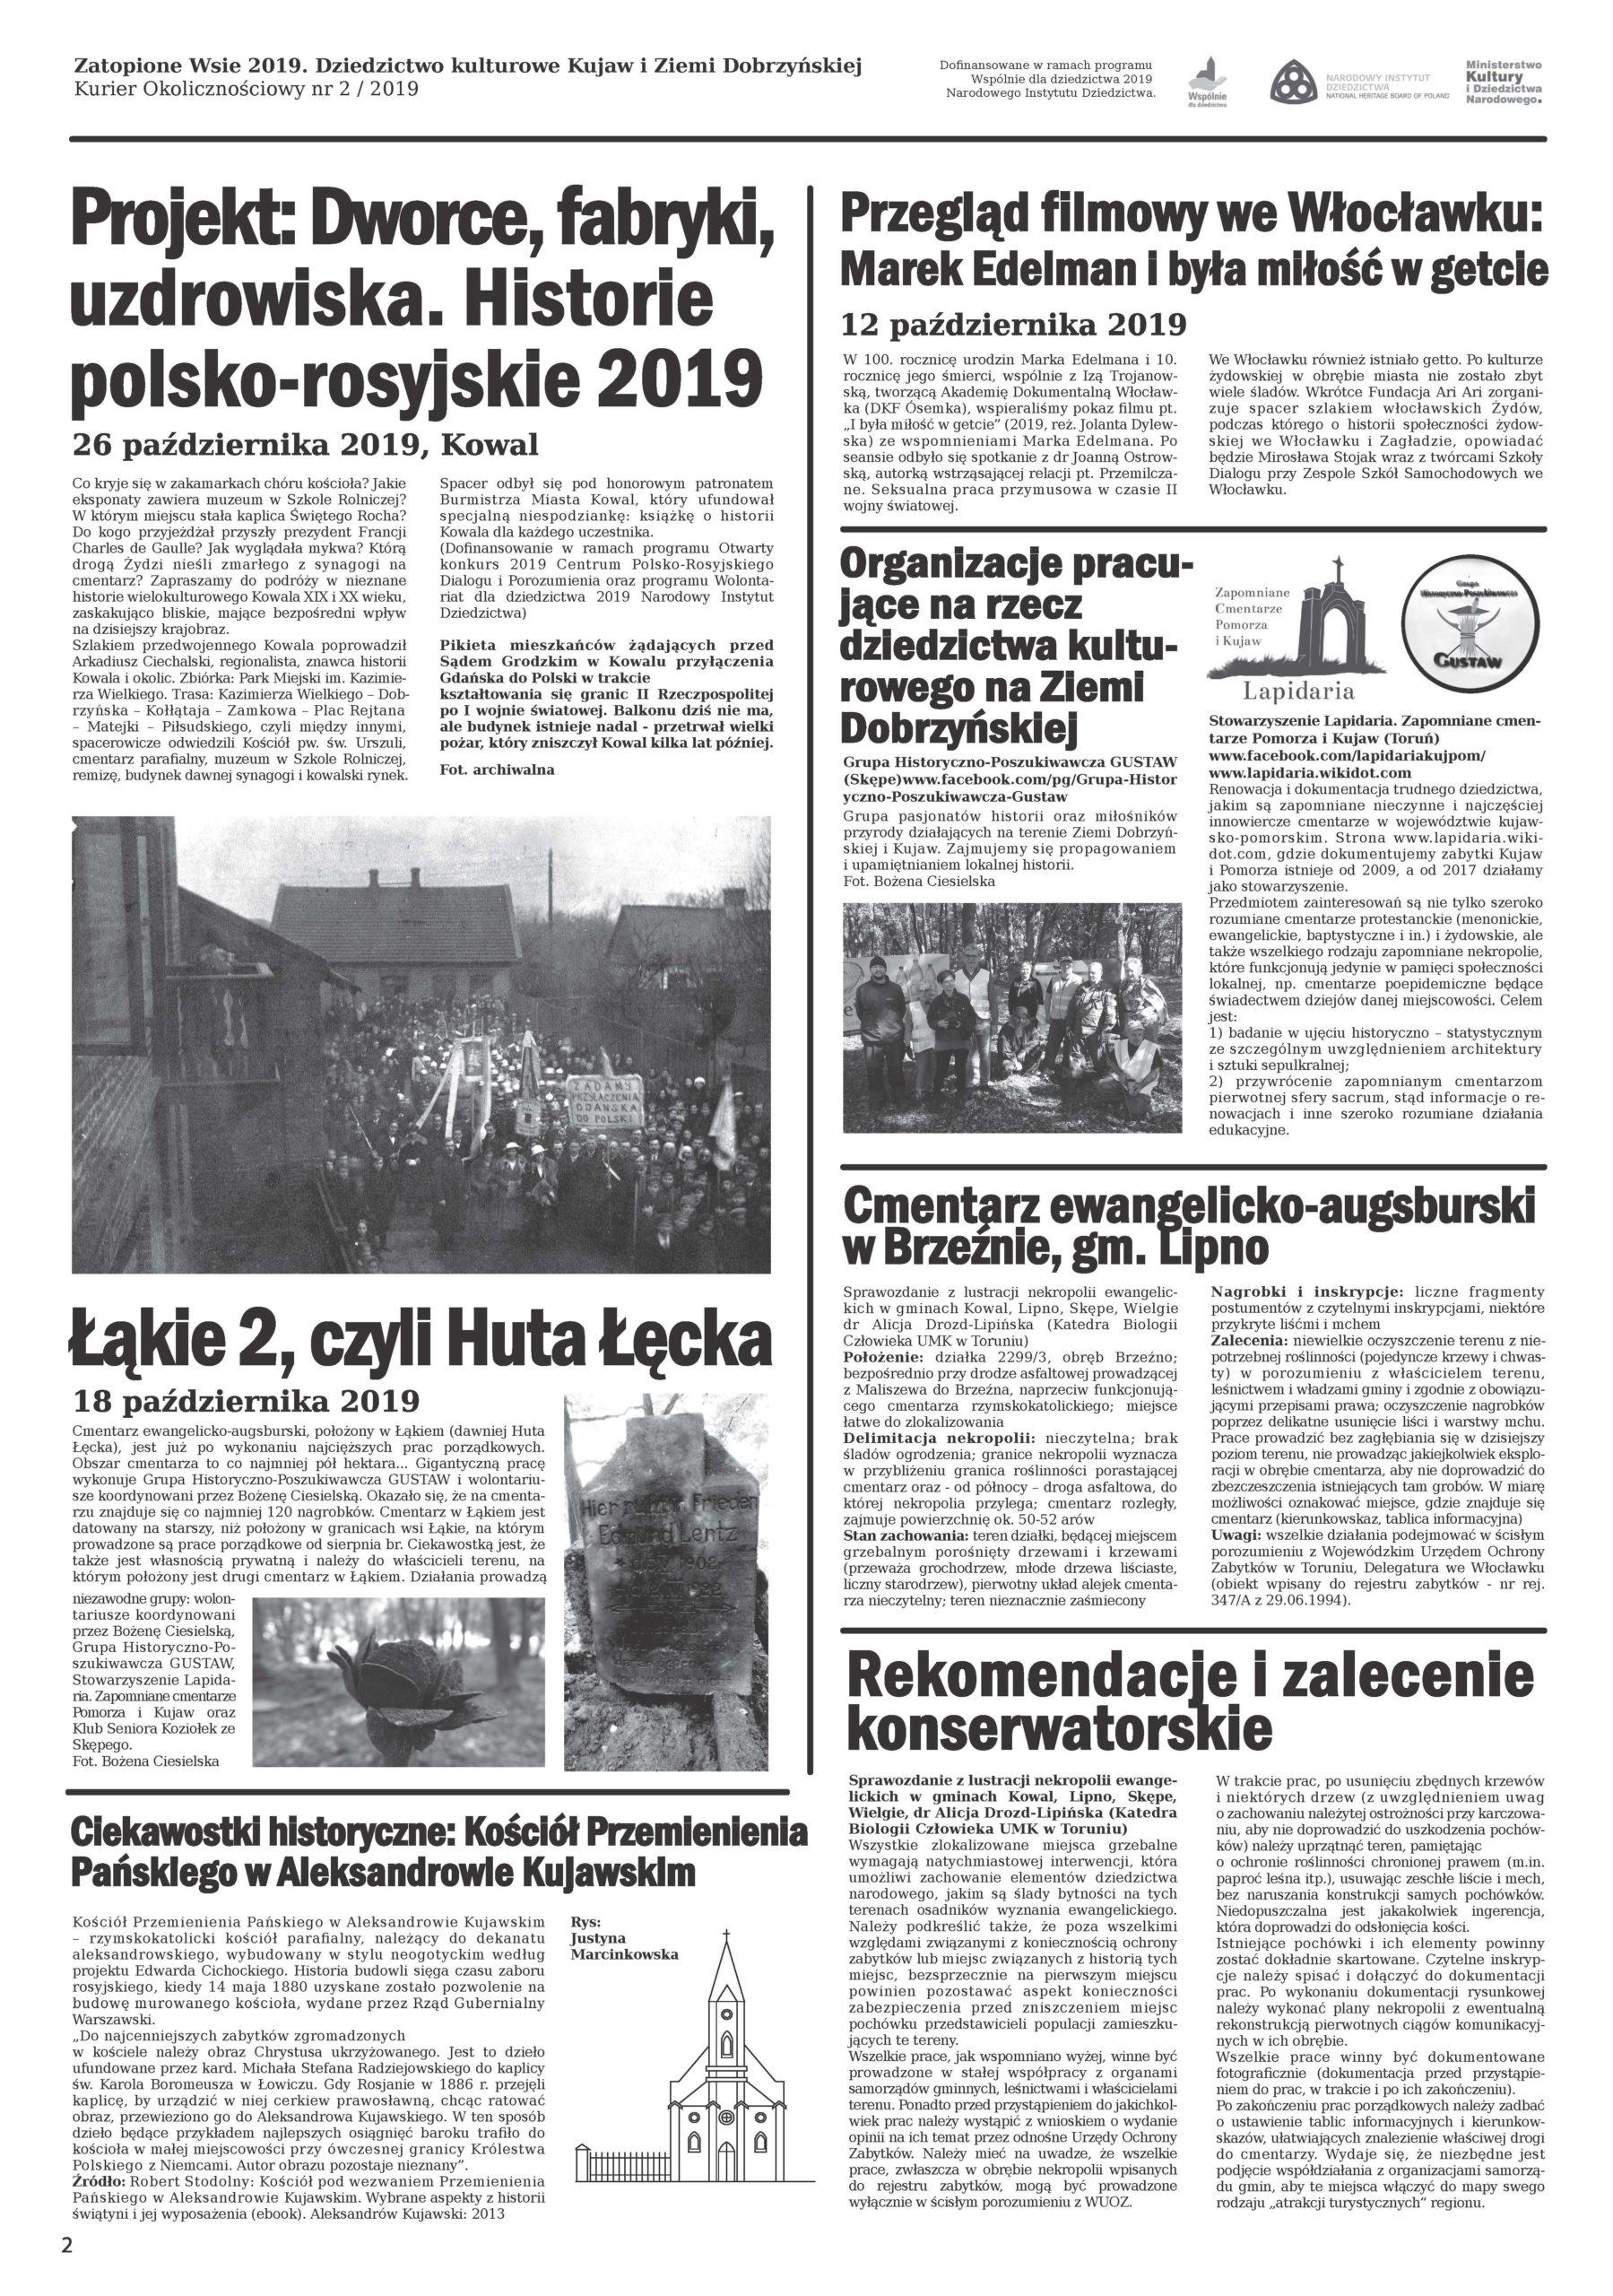 Kurier-2-gazetka-PLANSZA-a2_Strona_2 — kopia